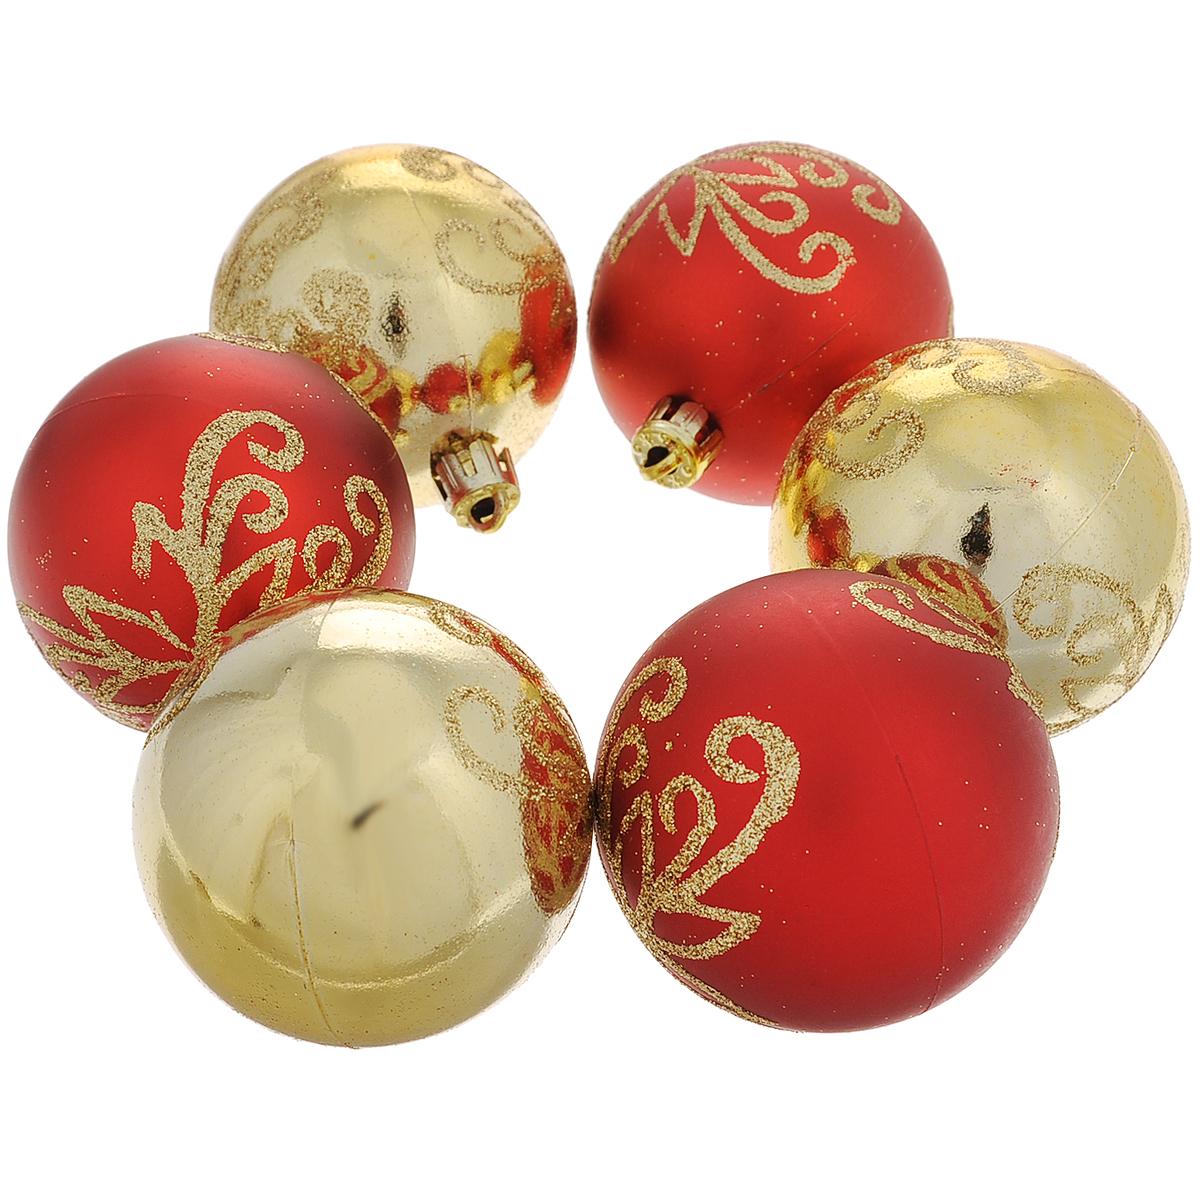 Набор новогодних подвесных украшений Шар, цвет: красный, золотистый, диаметр 6 см, 6 шт. 3549135491Набор новогодних подвесных украшений Шар прекрасно подойдет для праздничного декора новогодней ели. Набор состоит из шести шаров: три золотистых и три красных шарика, выполненных из пластика. Шары украшены изящными цветами из золотистых блесток. Для удобного размещения на елке для каждого шара предусмотрена текстильная петелька. Елочная игрушка - символ Нового года. Она несет в себе волшебство и красоту праздника. Создайте в своем доме атмосферу веселья и радости, украшая новогоднюю елку нарядными игрушками, которые будут из года в год накапливать теплоту воспоминаний. Коллекция декоративных украшений принесет в ваш дом ни с чем несравнимое ощущение волшебства! Откройте для себя удивительный мир сказок и грез. Почувствуйте волшебные минуты ожидания праздника, создайте новогоднее настроение вашим дорогим и близким.